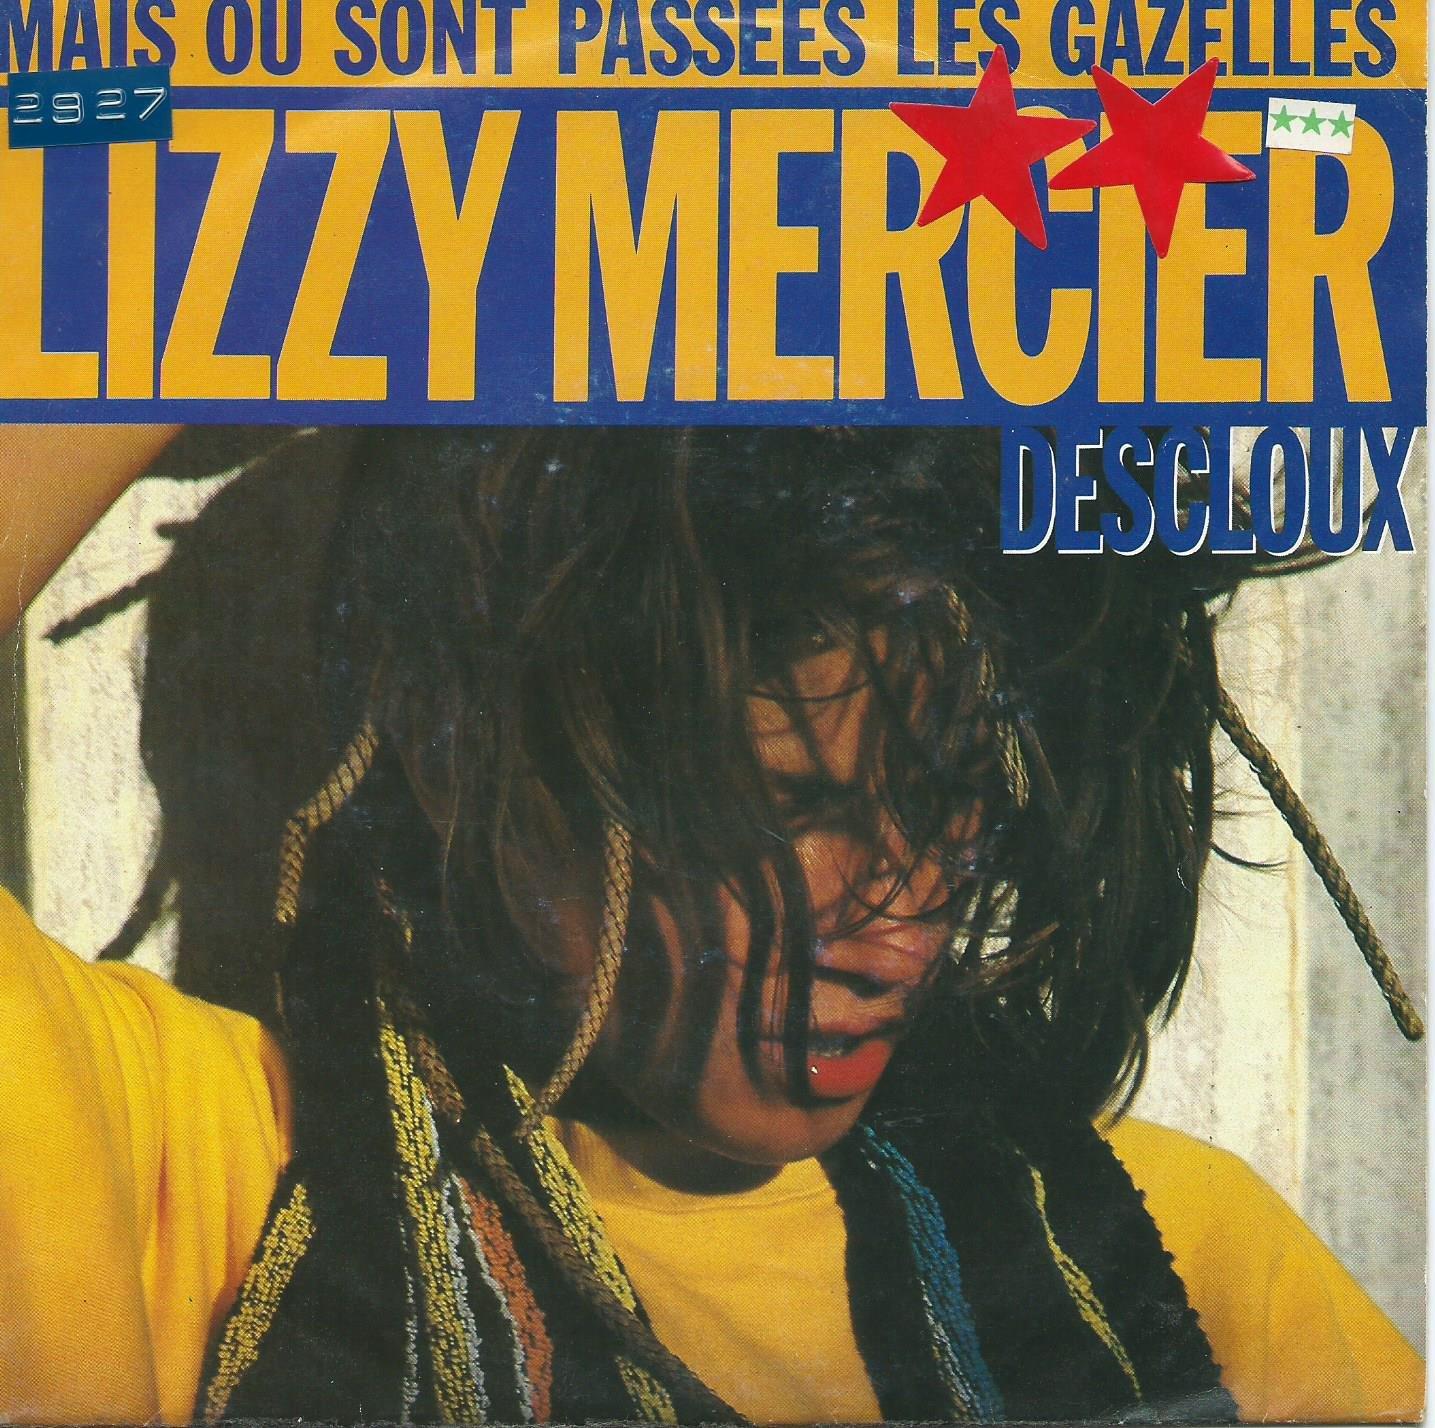 MAIS OU SONT PASSEES LES GAZELLES: LIZZY MERCIER DESCLOUX: Amazon.fr: Musique